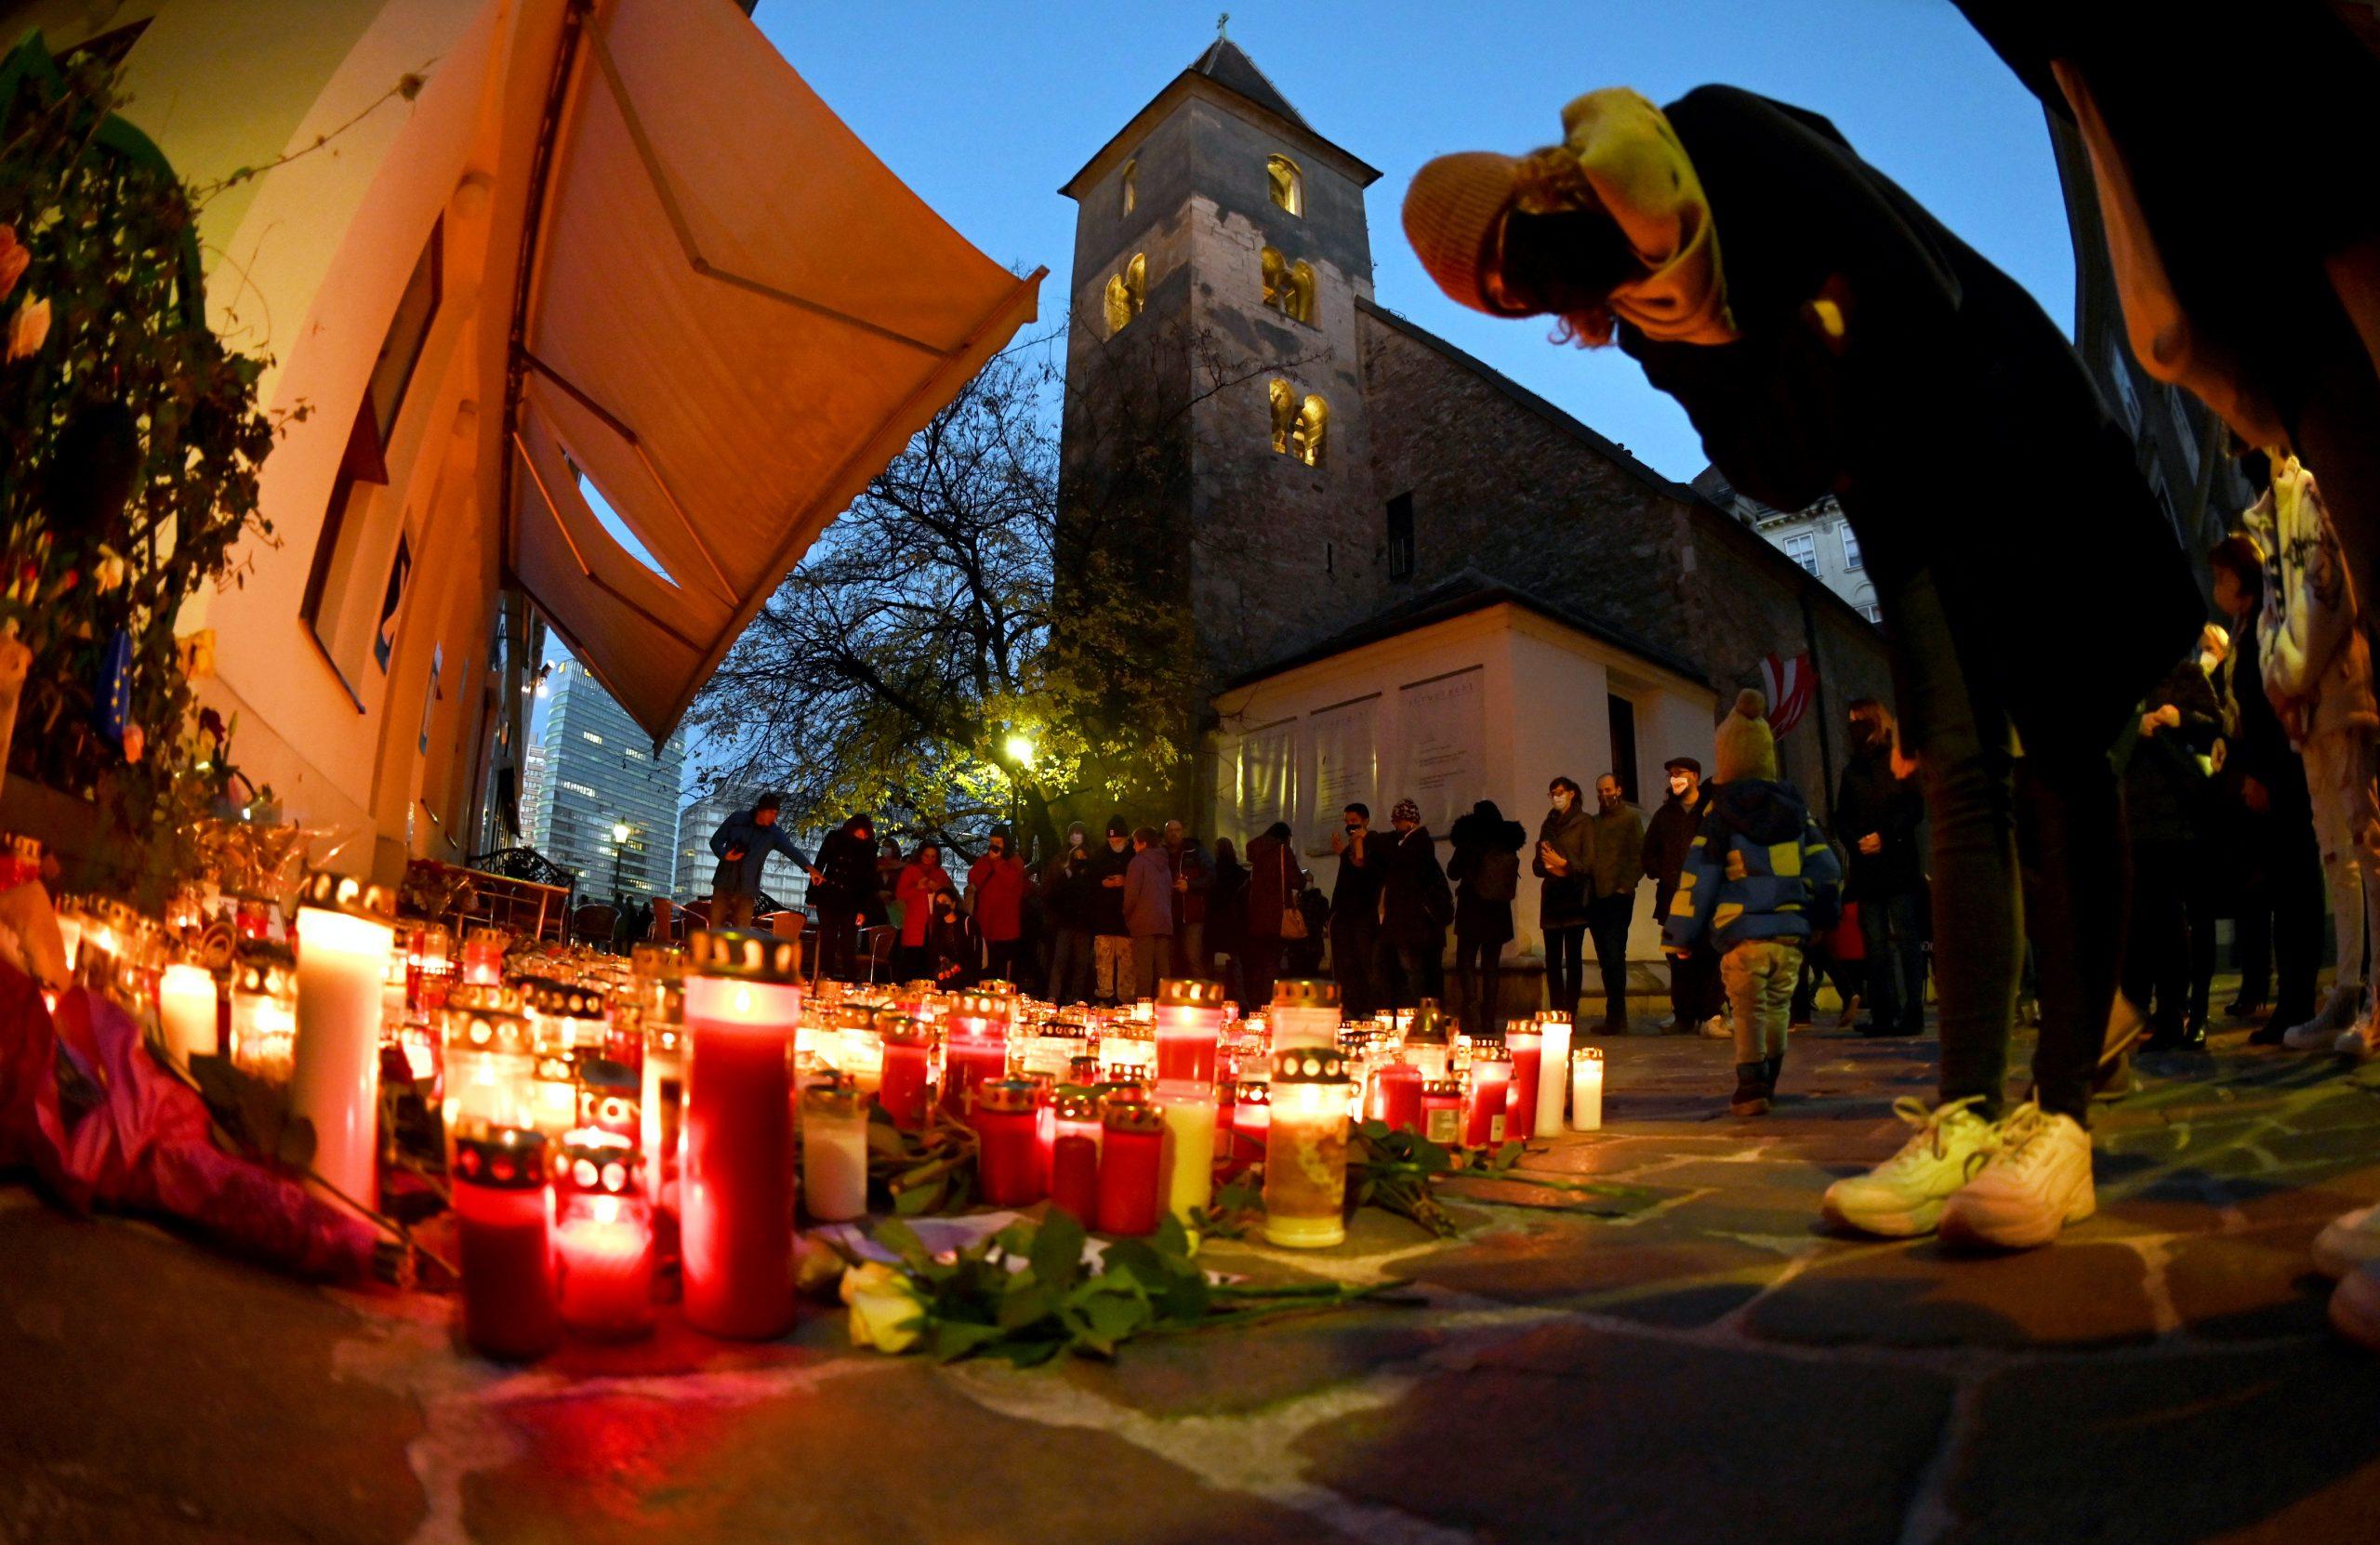 Menschen vor einem Kerzen- und Blumenmeer an einem der Tatorte vor der Ruprechtskirche in der Wiener Innenstadt am Samstag, 7. November 2020. Bei einem Terroranschlag am Montag in Wien waren vier zivile Todesopfer zu beklagen.